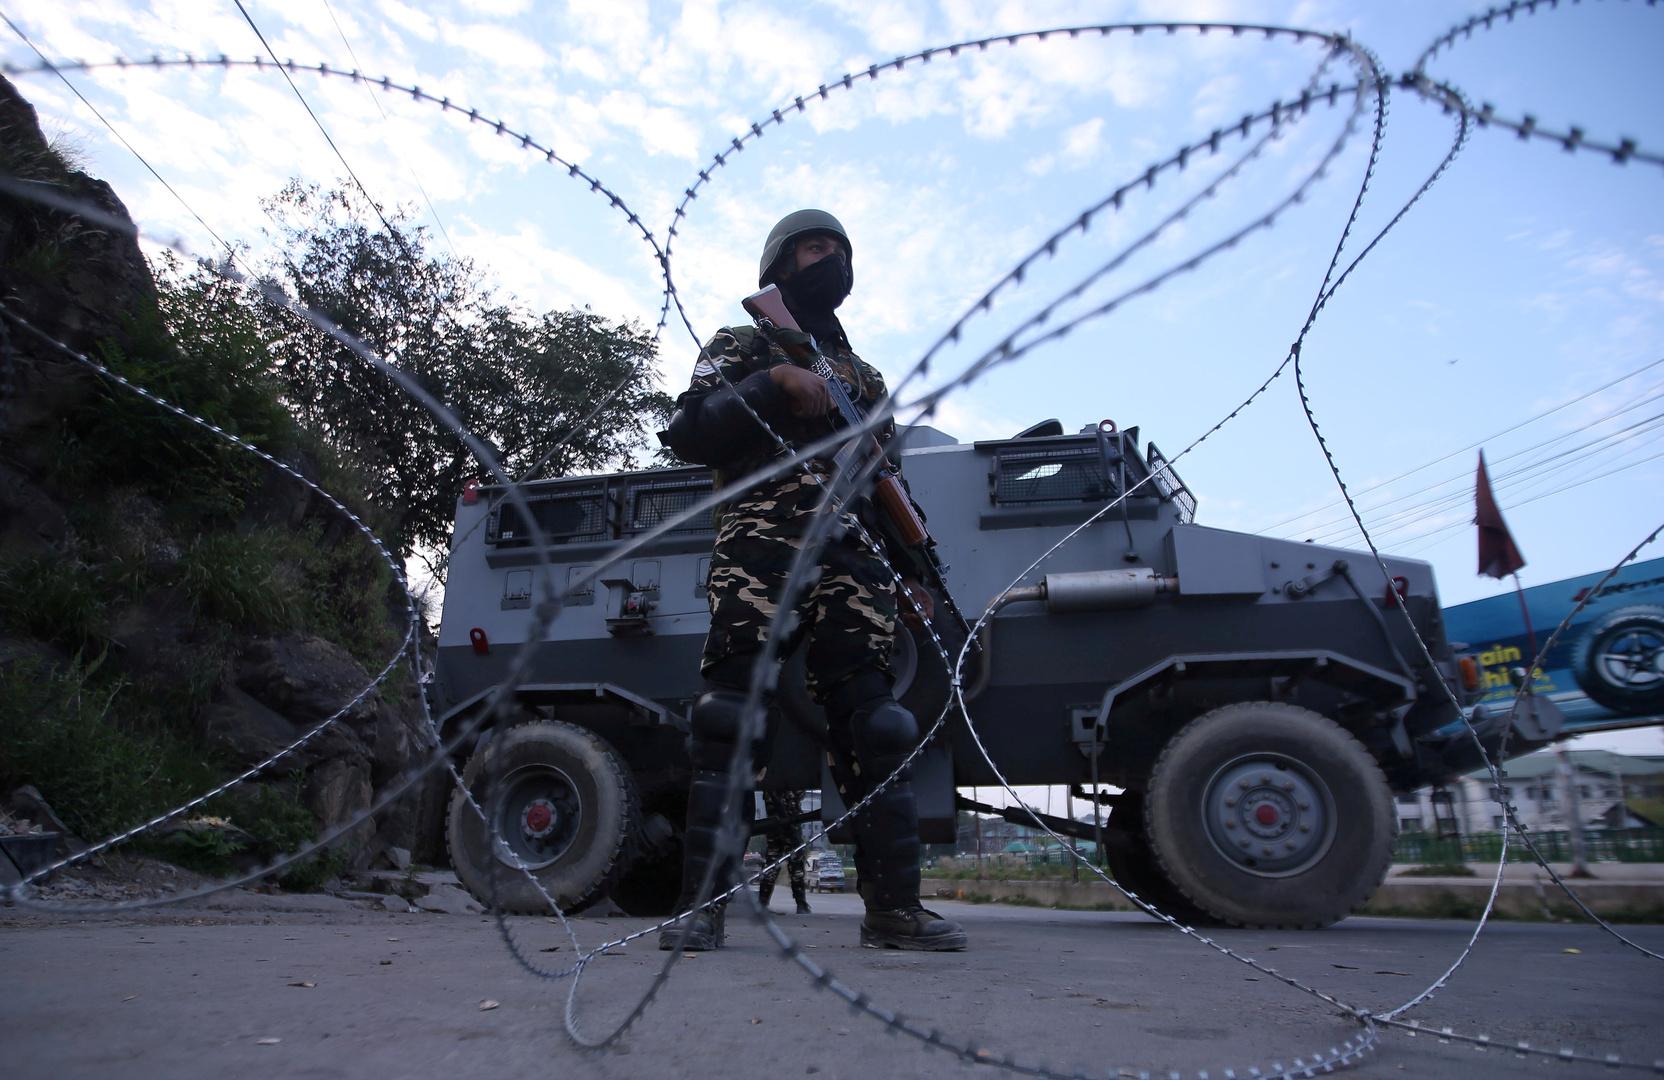 قتلى من الجانبين جراء قصف هندي باكستاني متبادل في كشمير